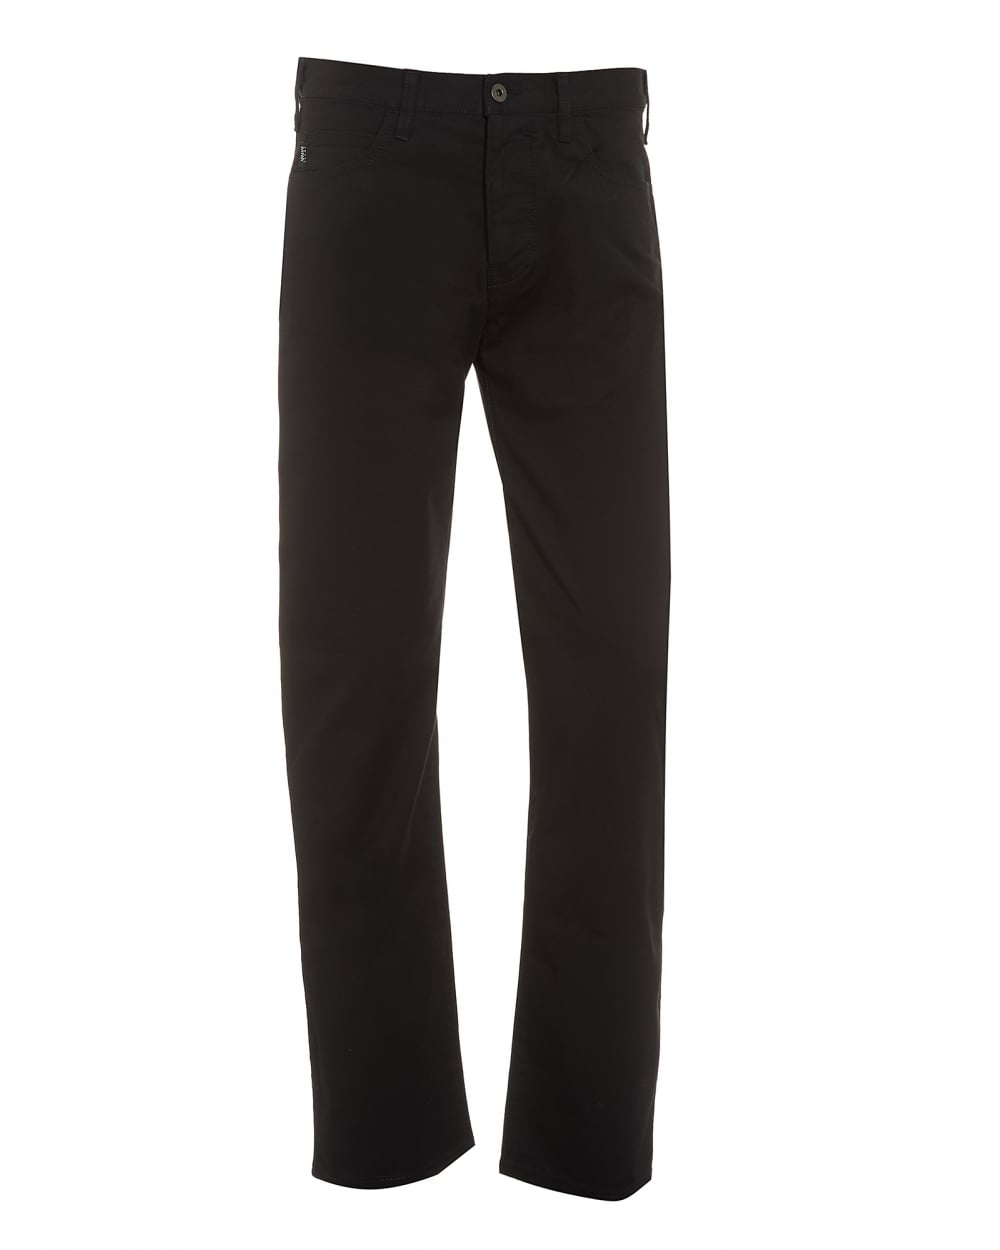 598c3282e998 Armani Jeans Mens J21 Jean